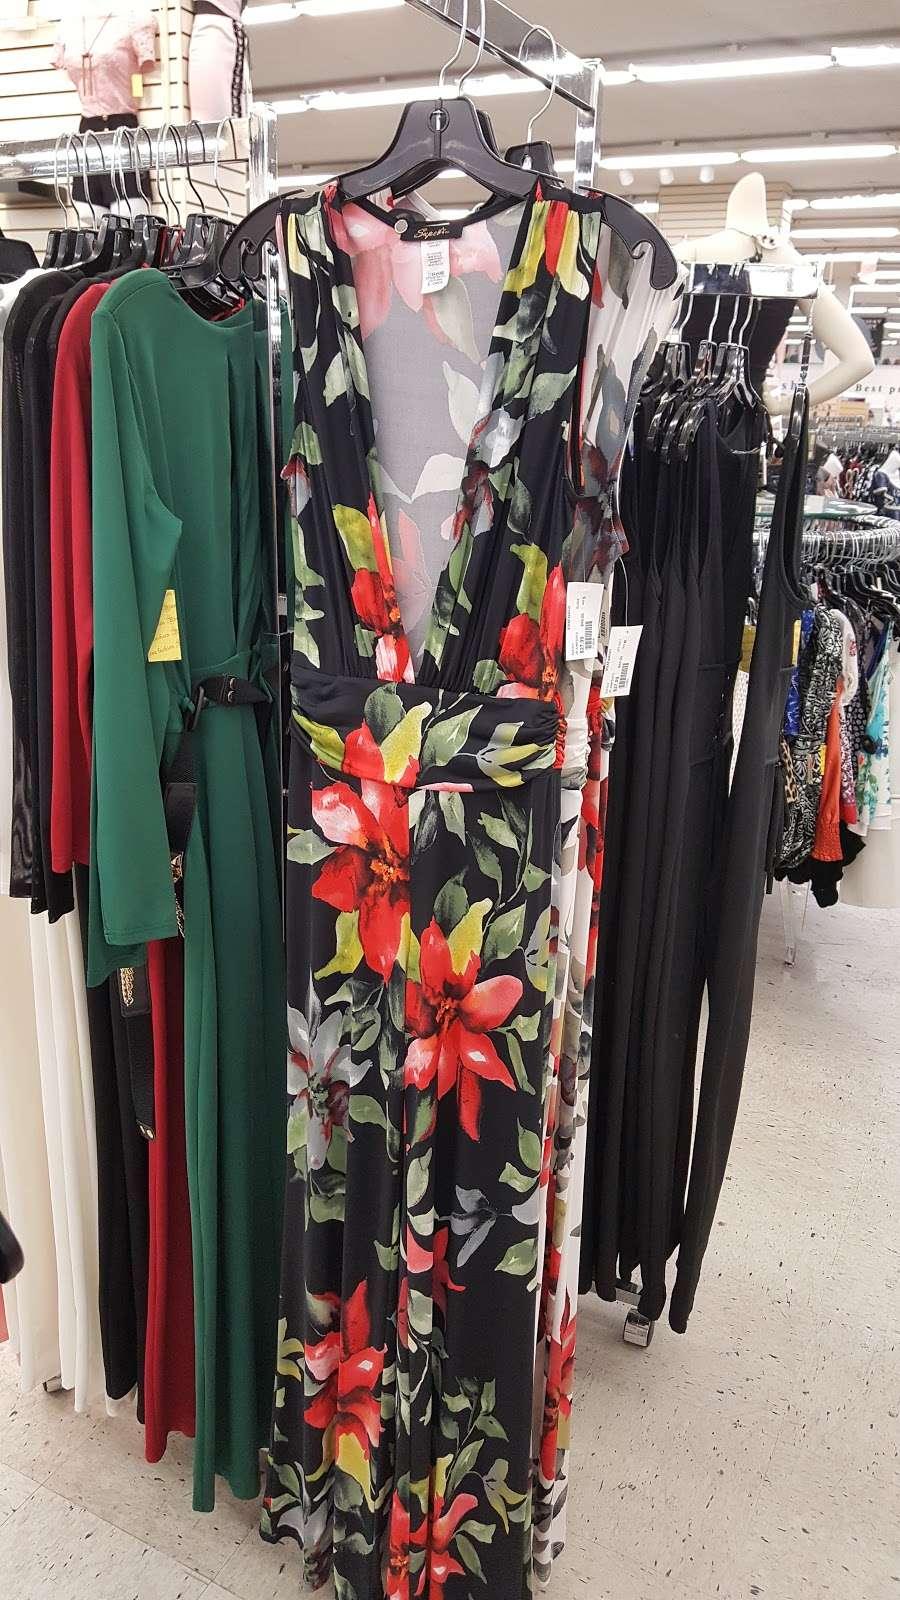 Viva Fashion Mart - clothing store  | Photo 4 of 10 | Address: 4305 State Ave, Kansas City, KS 66102, USA | Phone: (913) 287-8008